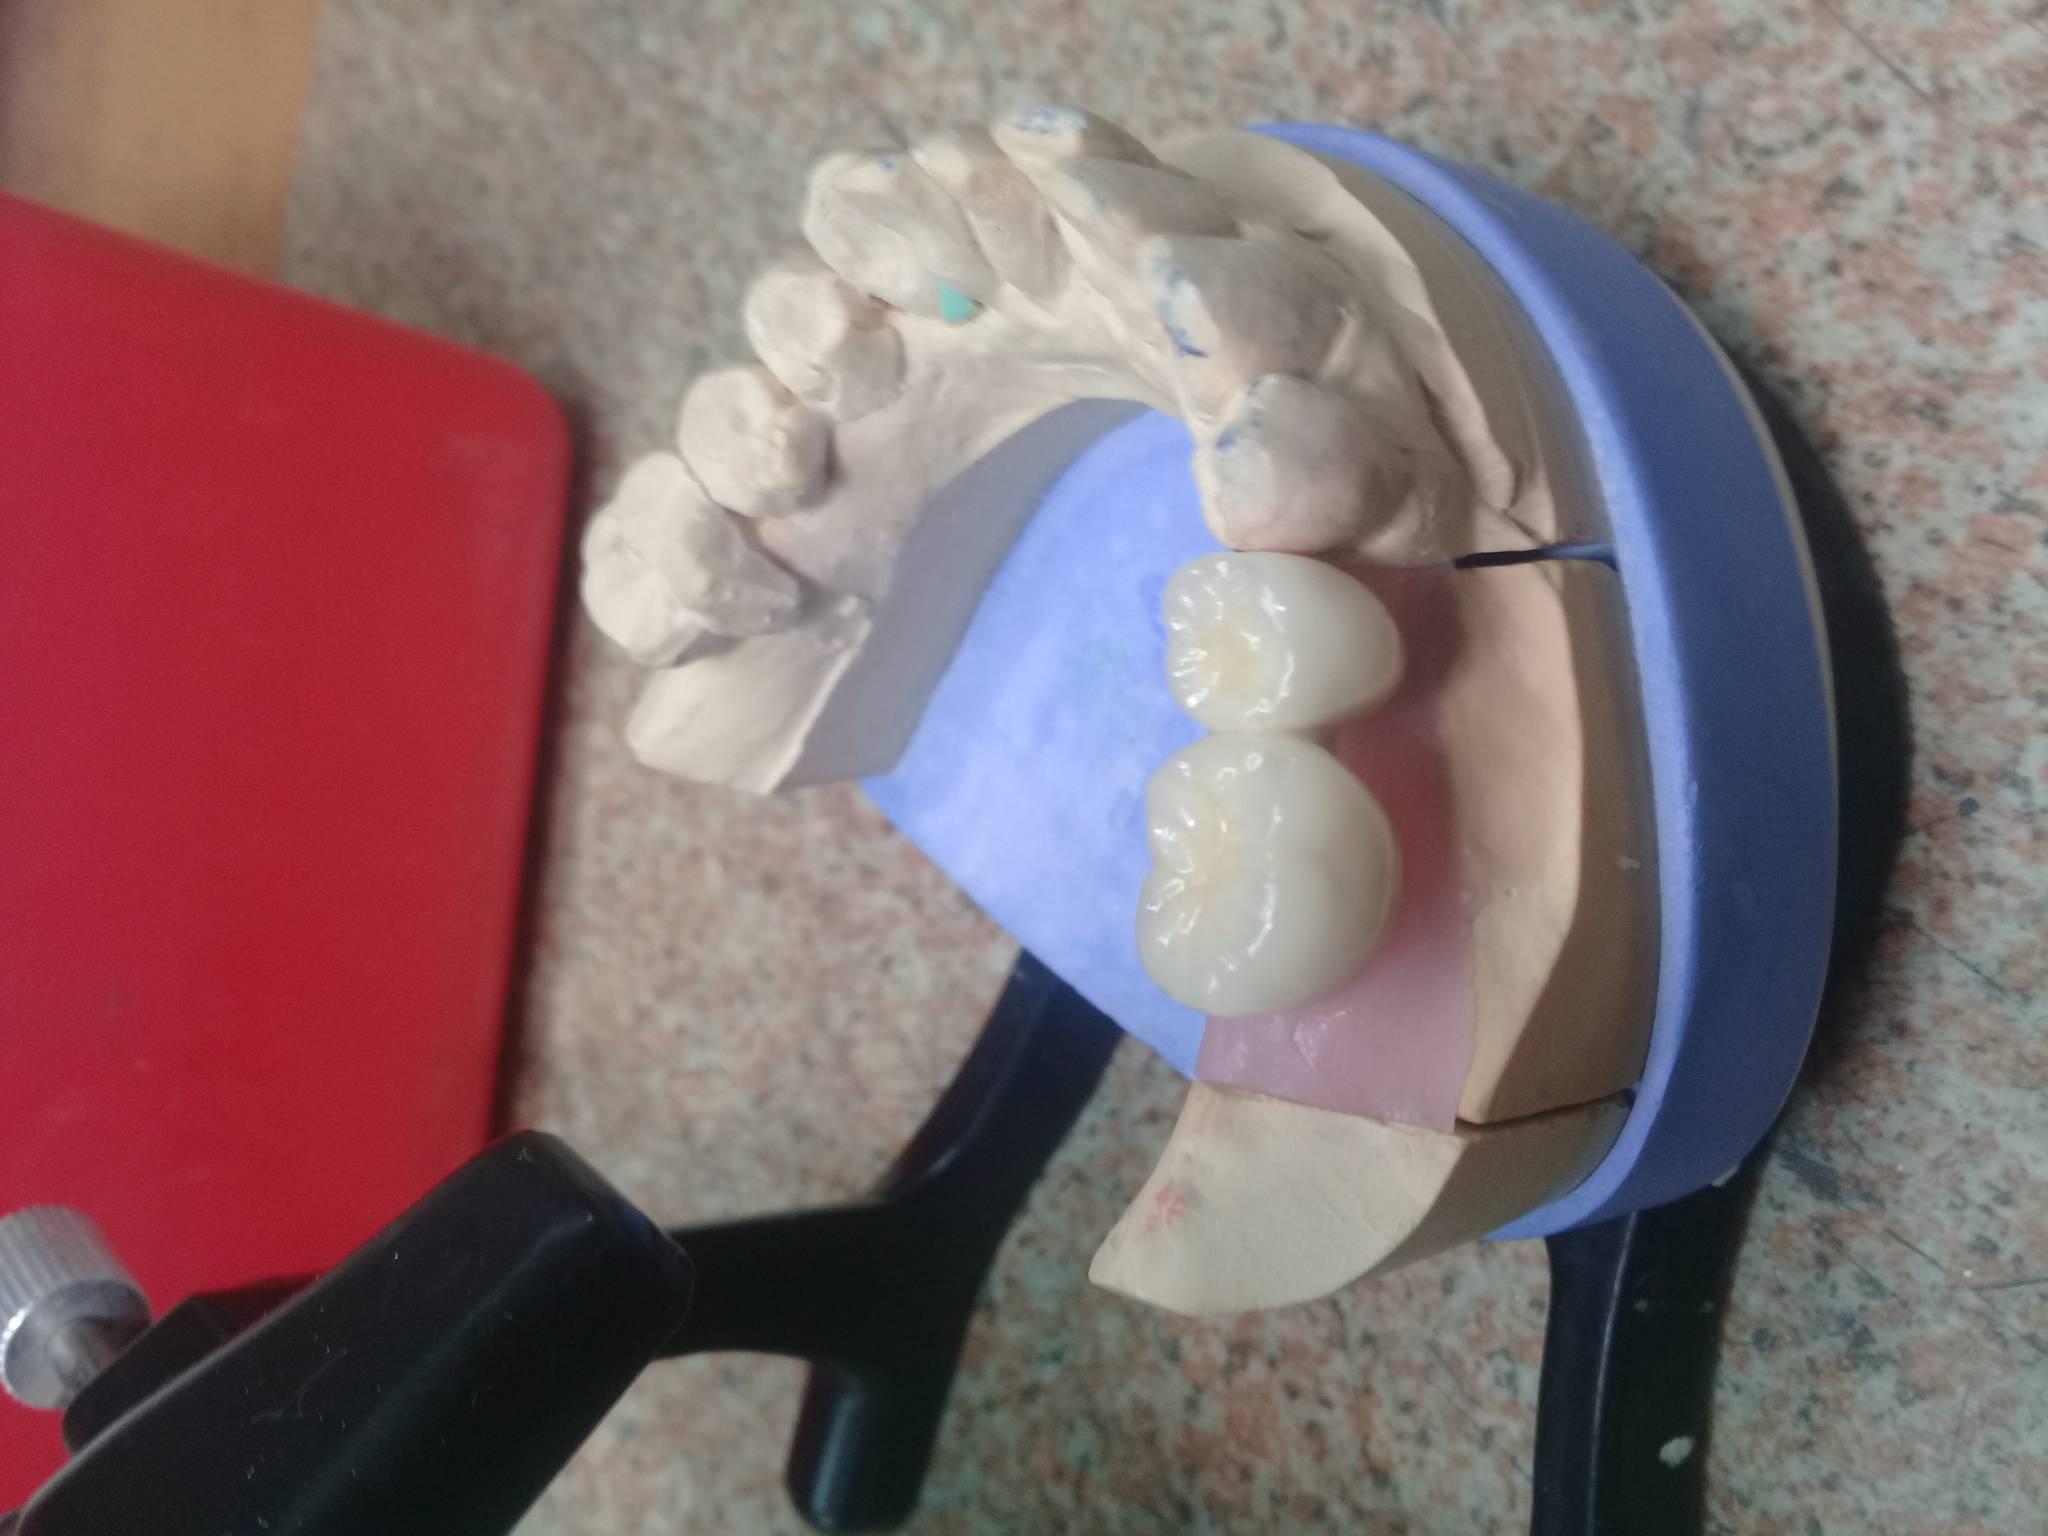 На какой клей сажают зубные коронки. чем можно приклеить коронку к зубу в домашних условиях